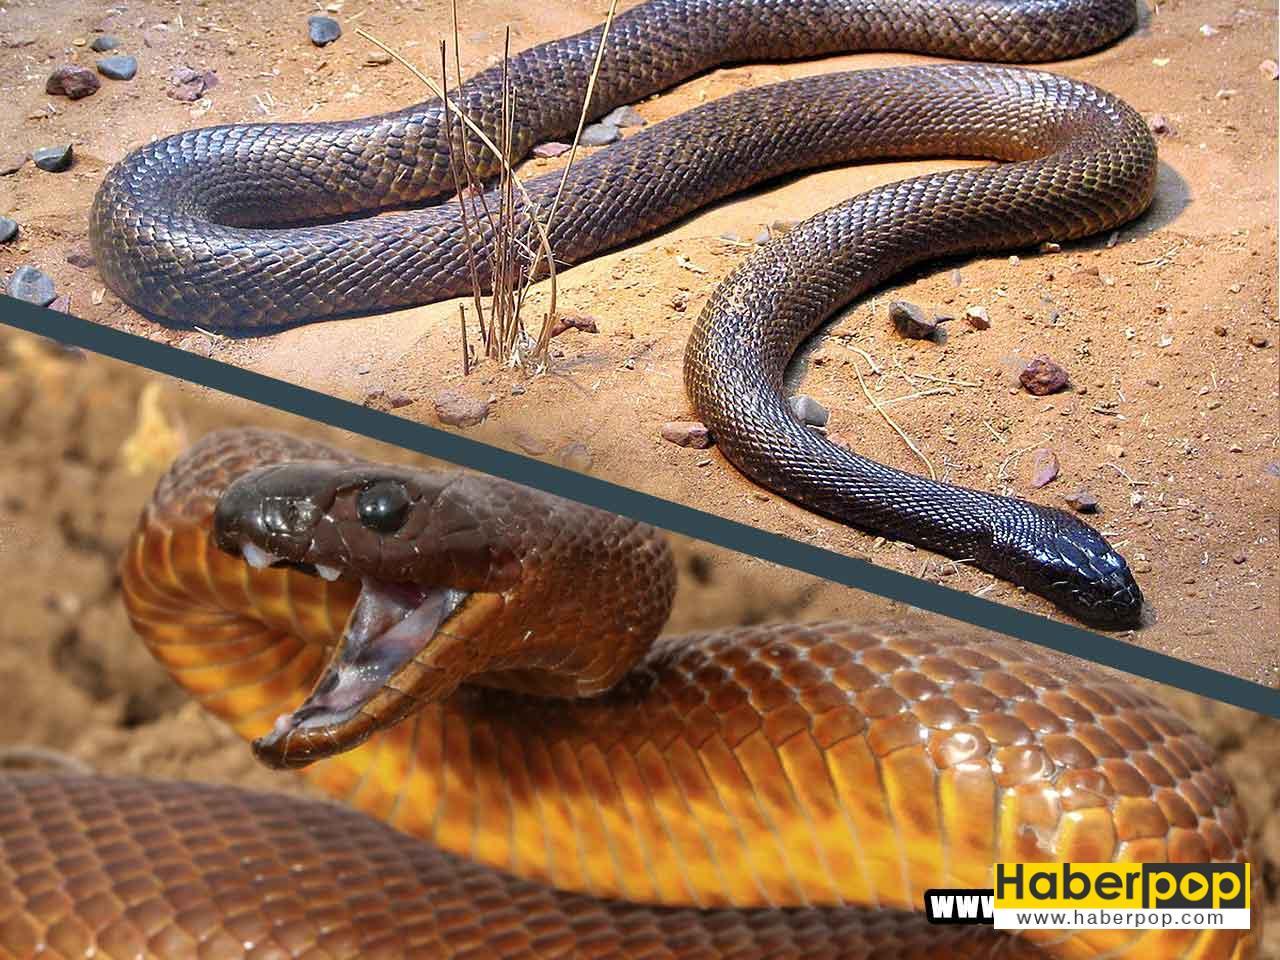 Dünyanın en zehirli yılanı: İçbölge taypanı - Oxyuranus microlepidotus